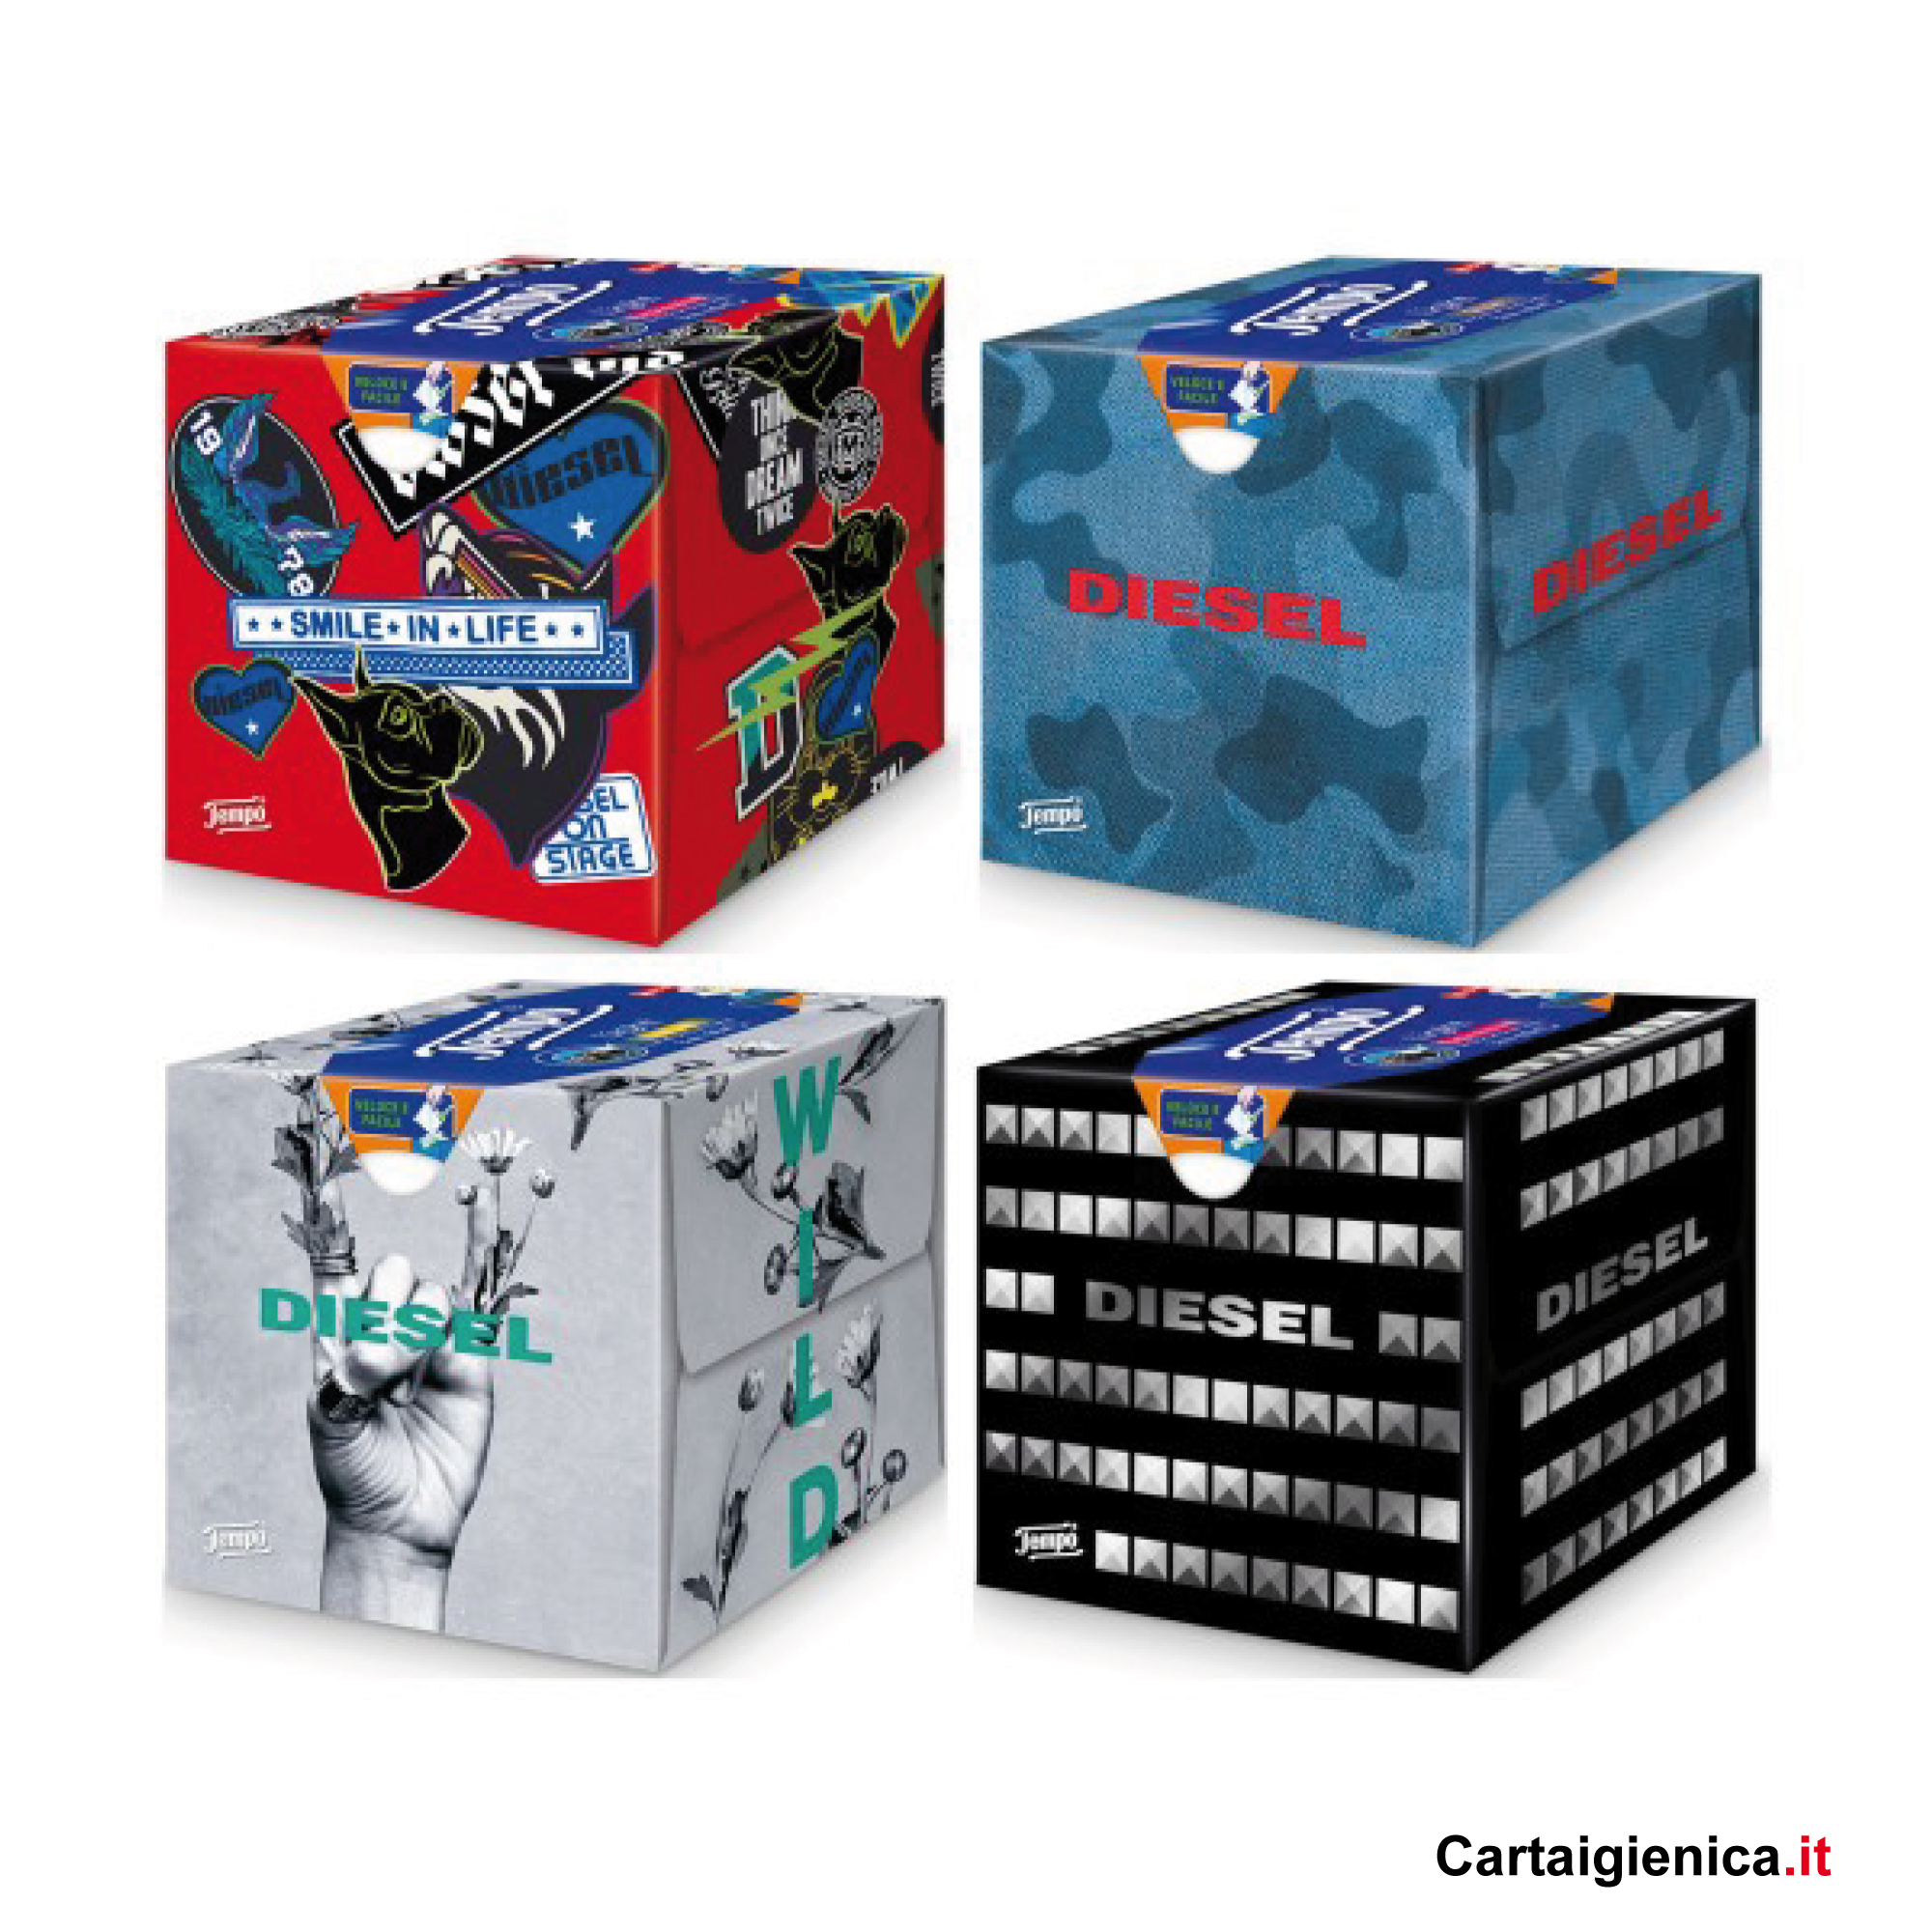 tempo veline box Diesel 60 veline 3 veli